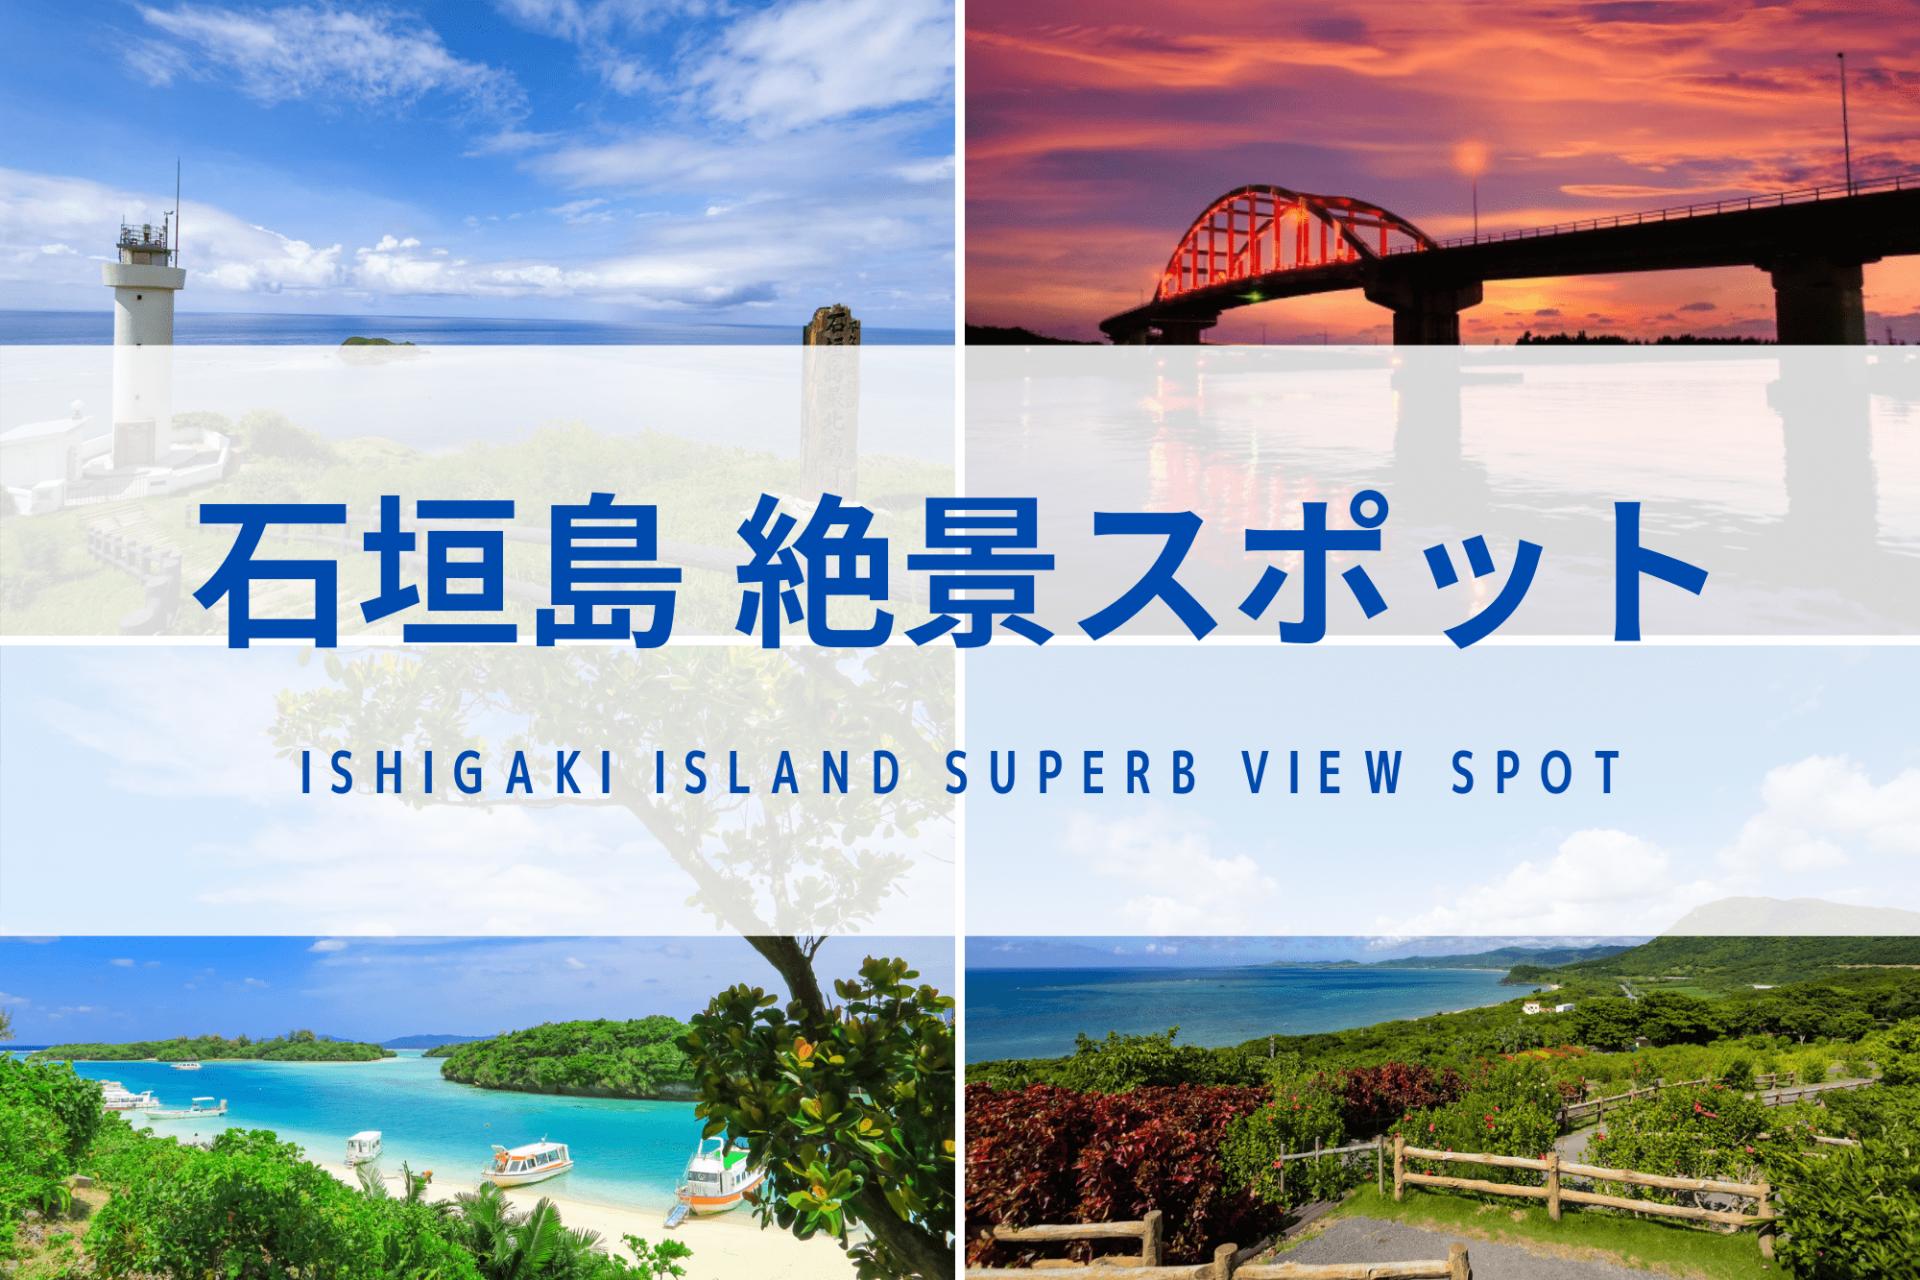 石垣島 絶景 スポット 沖縄 離島 観光 旅行 景色 風景